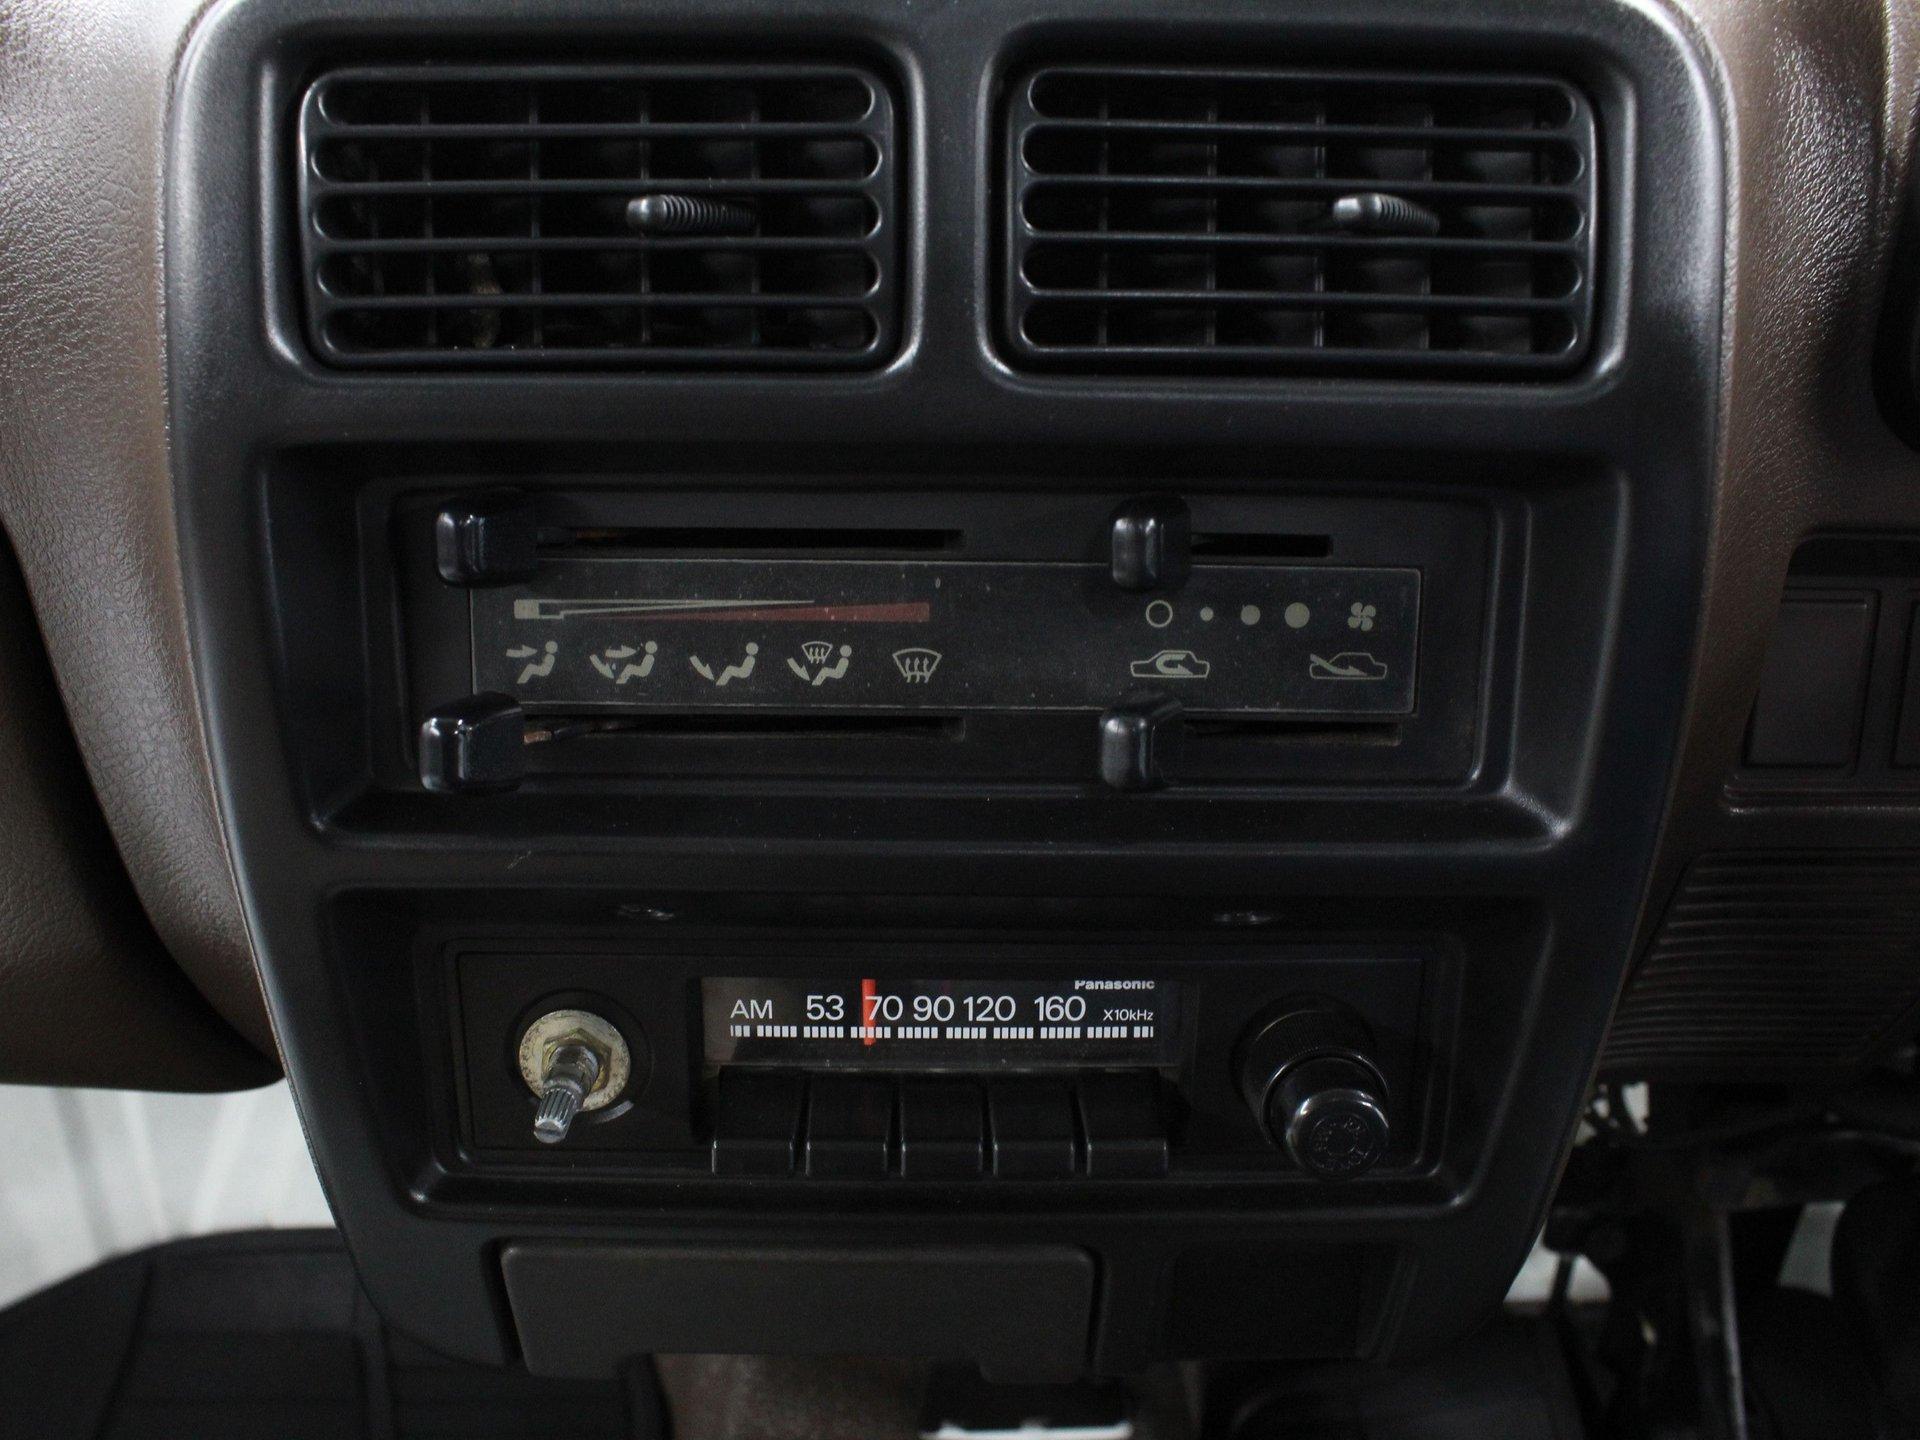 1990 Daihatsu HiJet